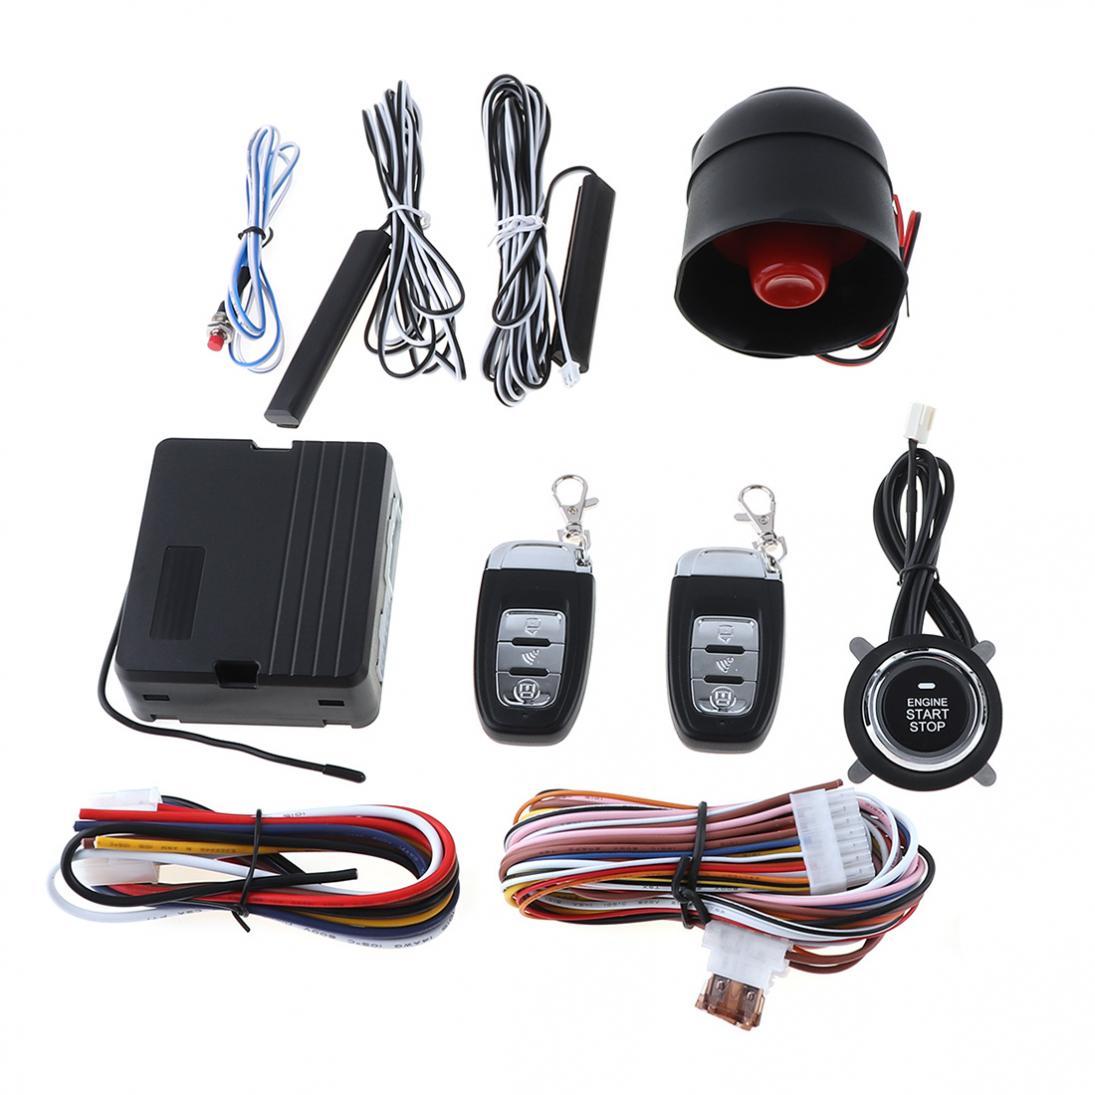 PKE Auto voiture alarme démarrage arrêt système moteur RFID verrouillage Central système d'entrée sans clé démarreur antivol moteur démarrage bouton d'arrêt